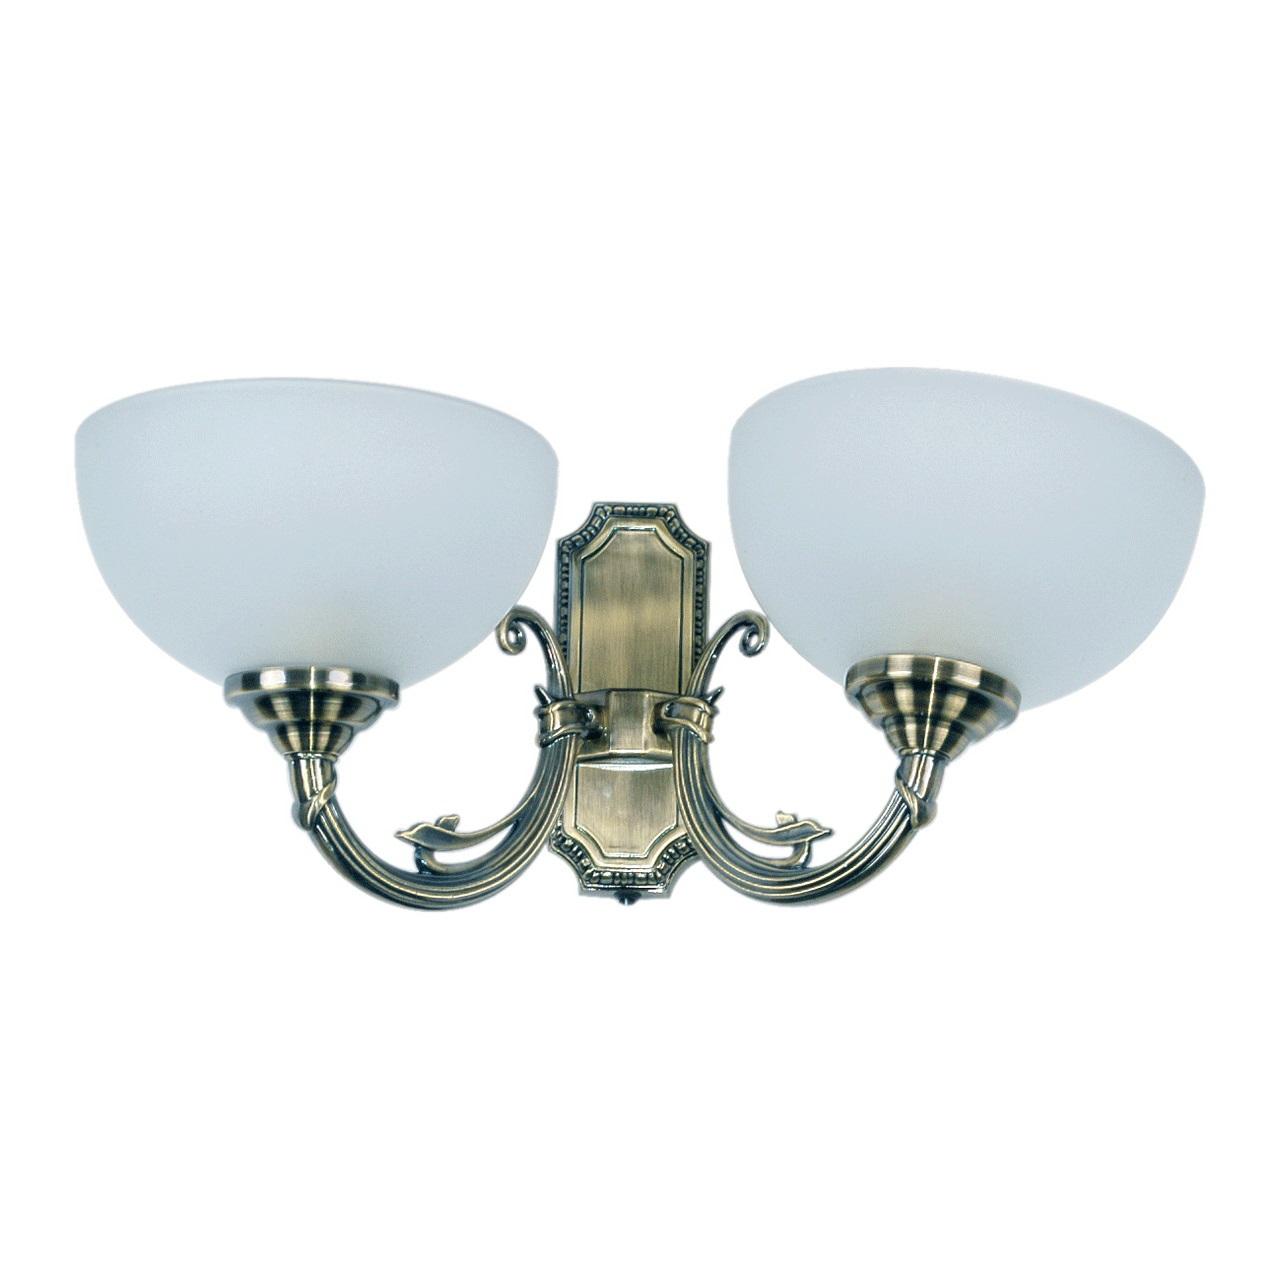 Бра Mw lightНастенные светильники и бра<br>Тип: бра, Назначение светильника: для спальни, Стиль светильника: классика, Материал светильника: металл, стекло, Тип лампы: накаливания, Количество ламп: 2, Мощность: 60, Патрон: Е27, Цвет арматуры: алюминий, Длина (мм): 410, Ширина: 200, Высота: 210, Коллекция: Олимп<br>